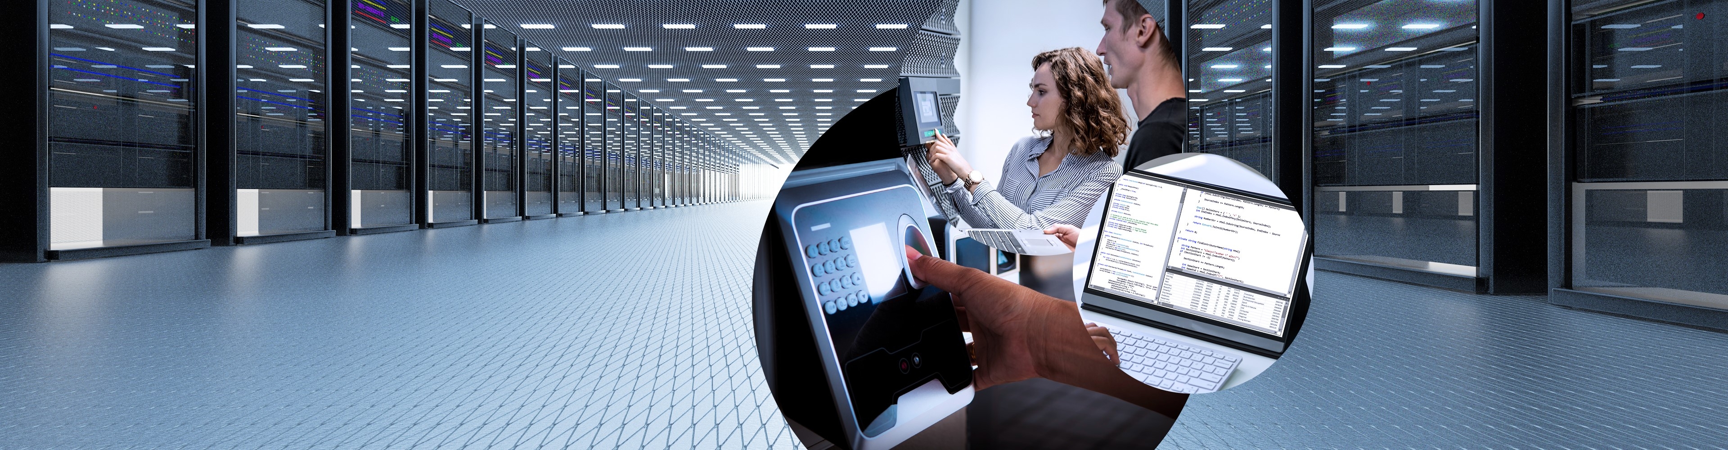 Intargia_Dreiklang_IT-Sicherheit-und-Datenschutz_HERO